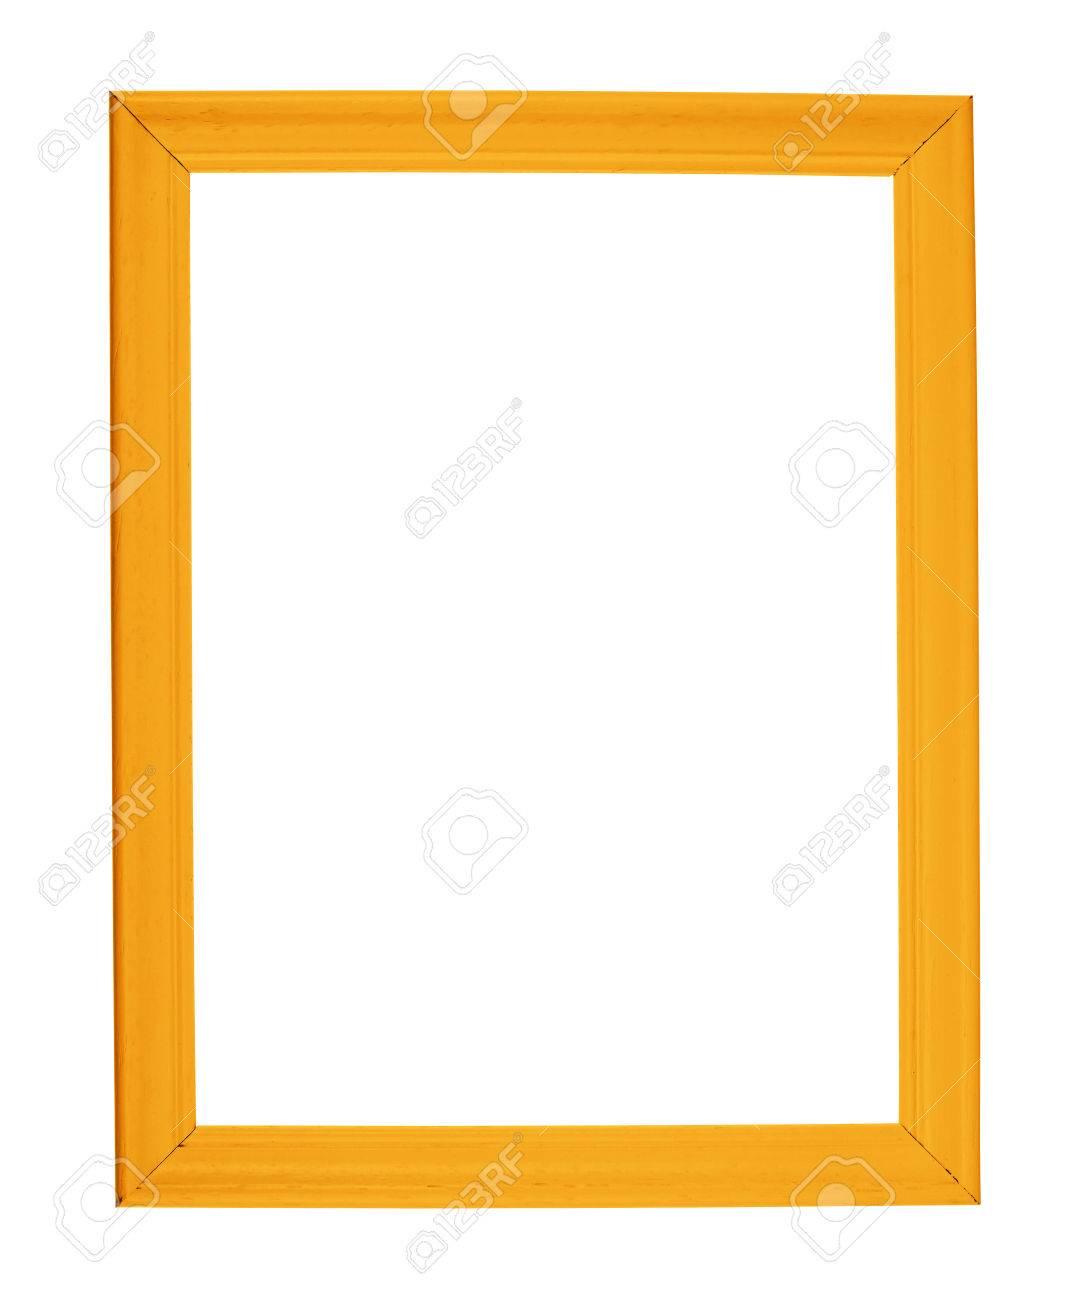 Fotolijst A4 Formaat.A4 Formaat Lege Copyspace Houten Fotolijst Gekleurd Met Oranje Verf Geisoleerd Op De Witte Achtergrond